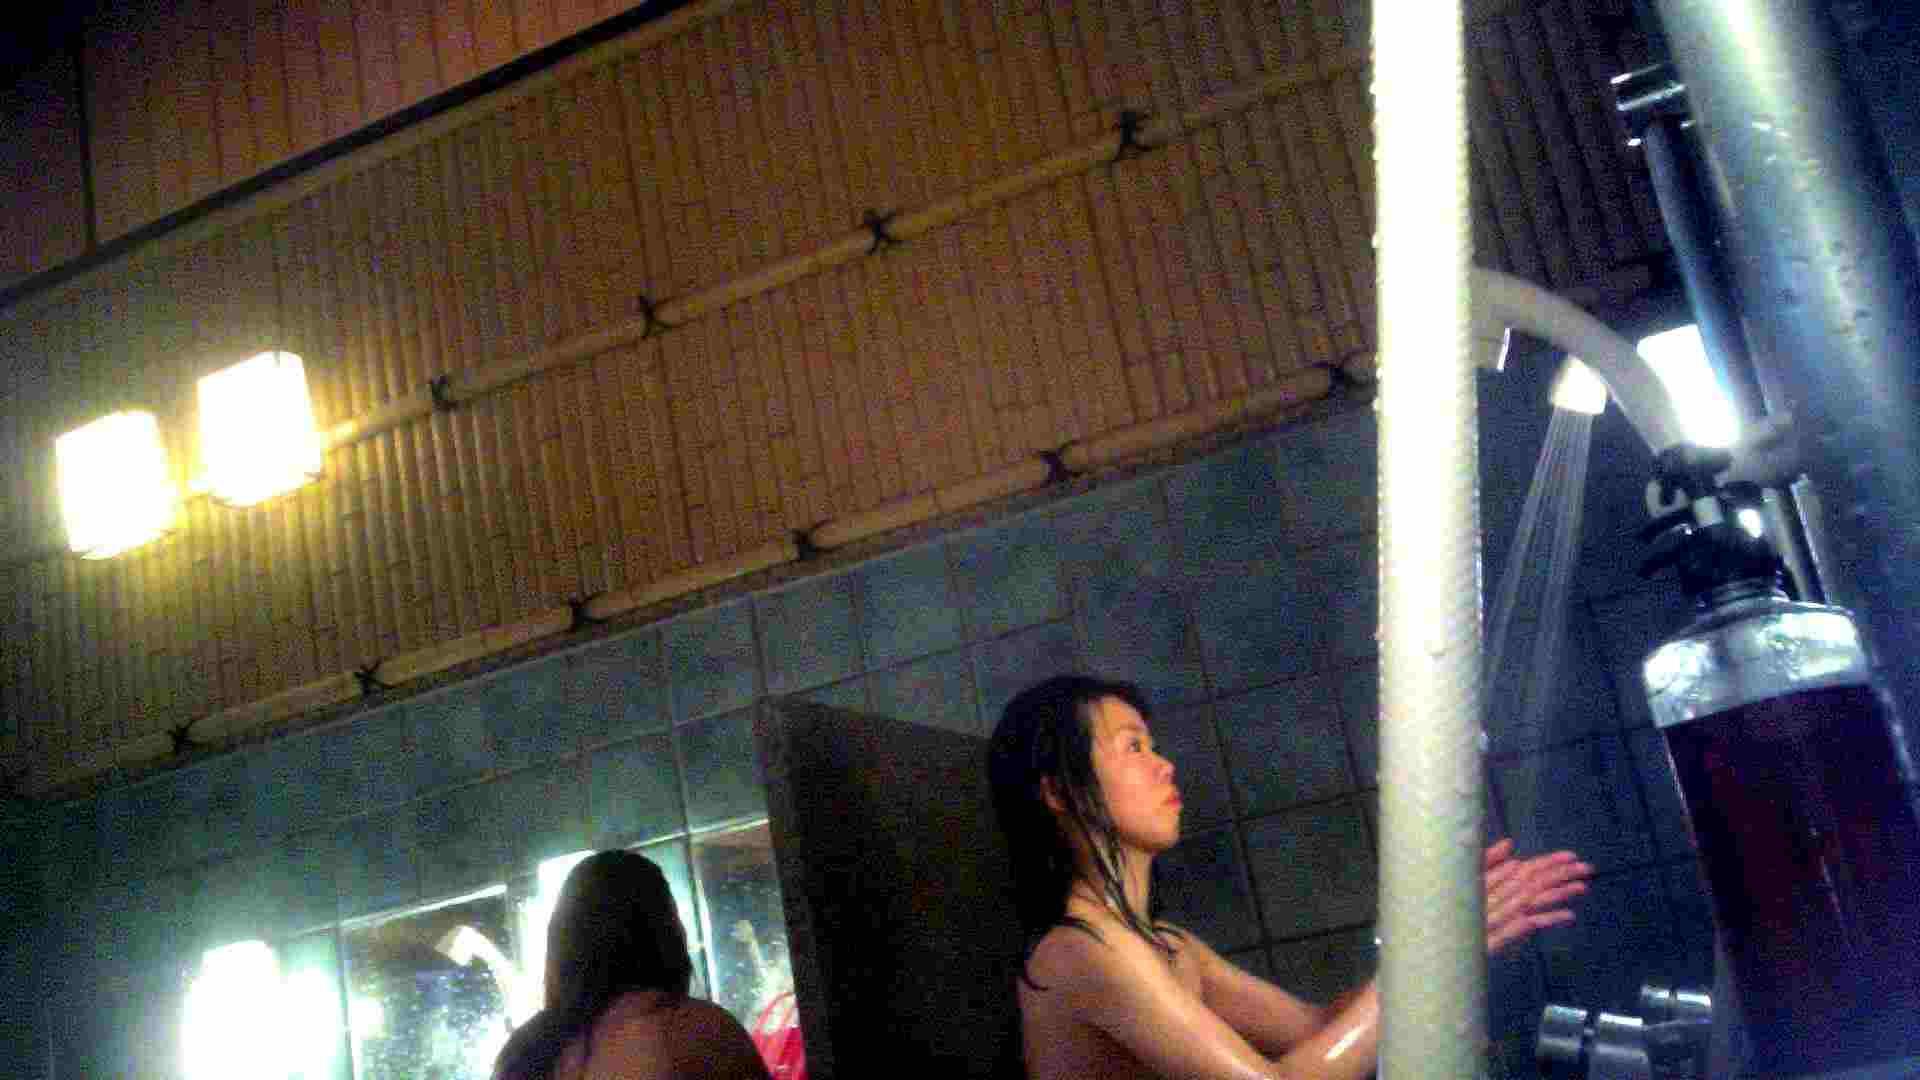 おまんこ:TG.29 【一等兵】同じ女性でも多種多様だなぁと感じる作品:怪盗ジョーカー